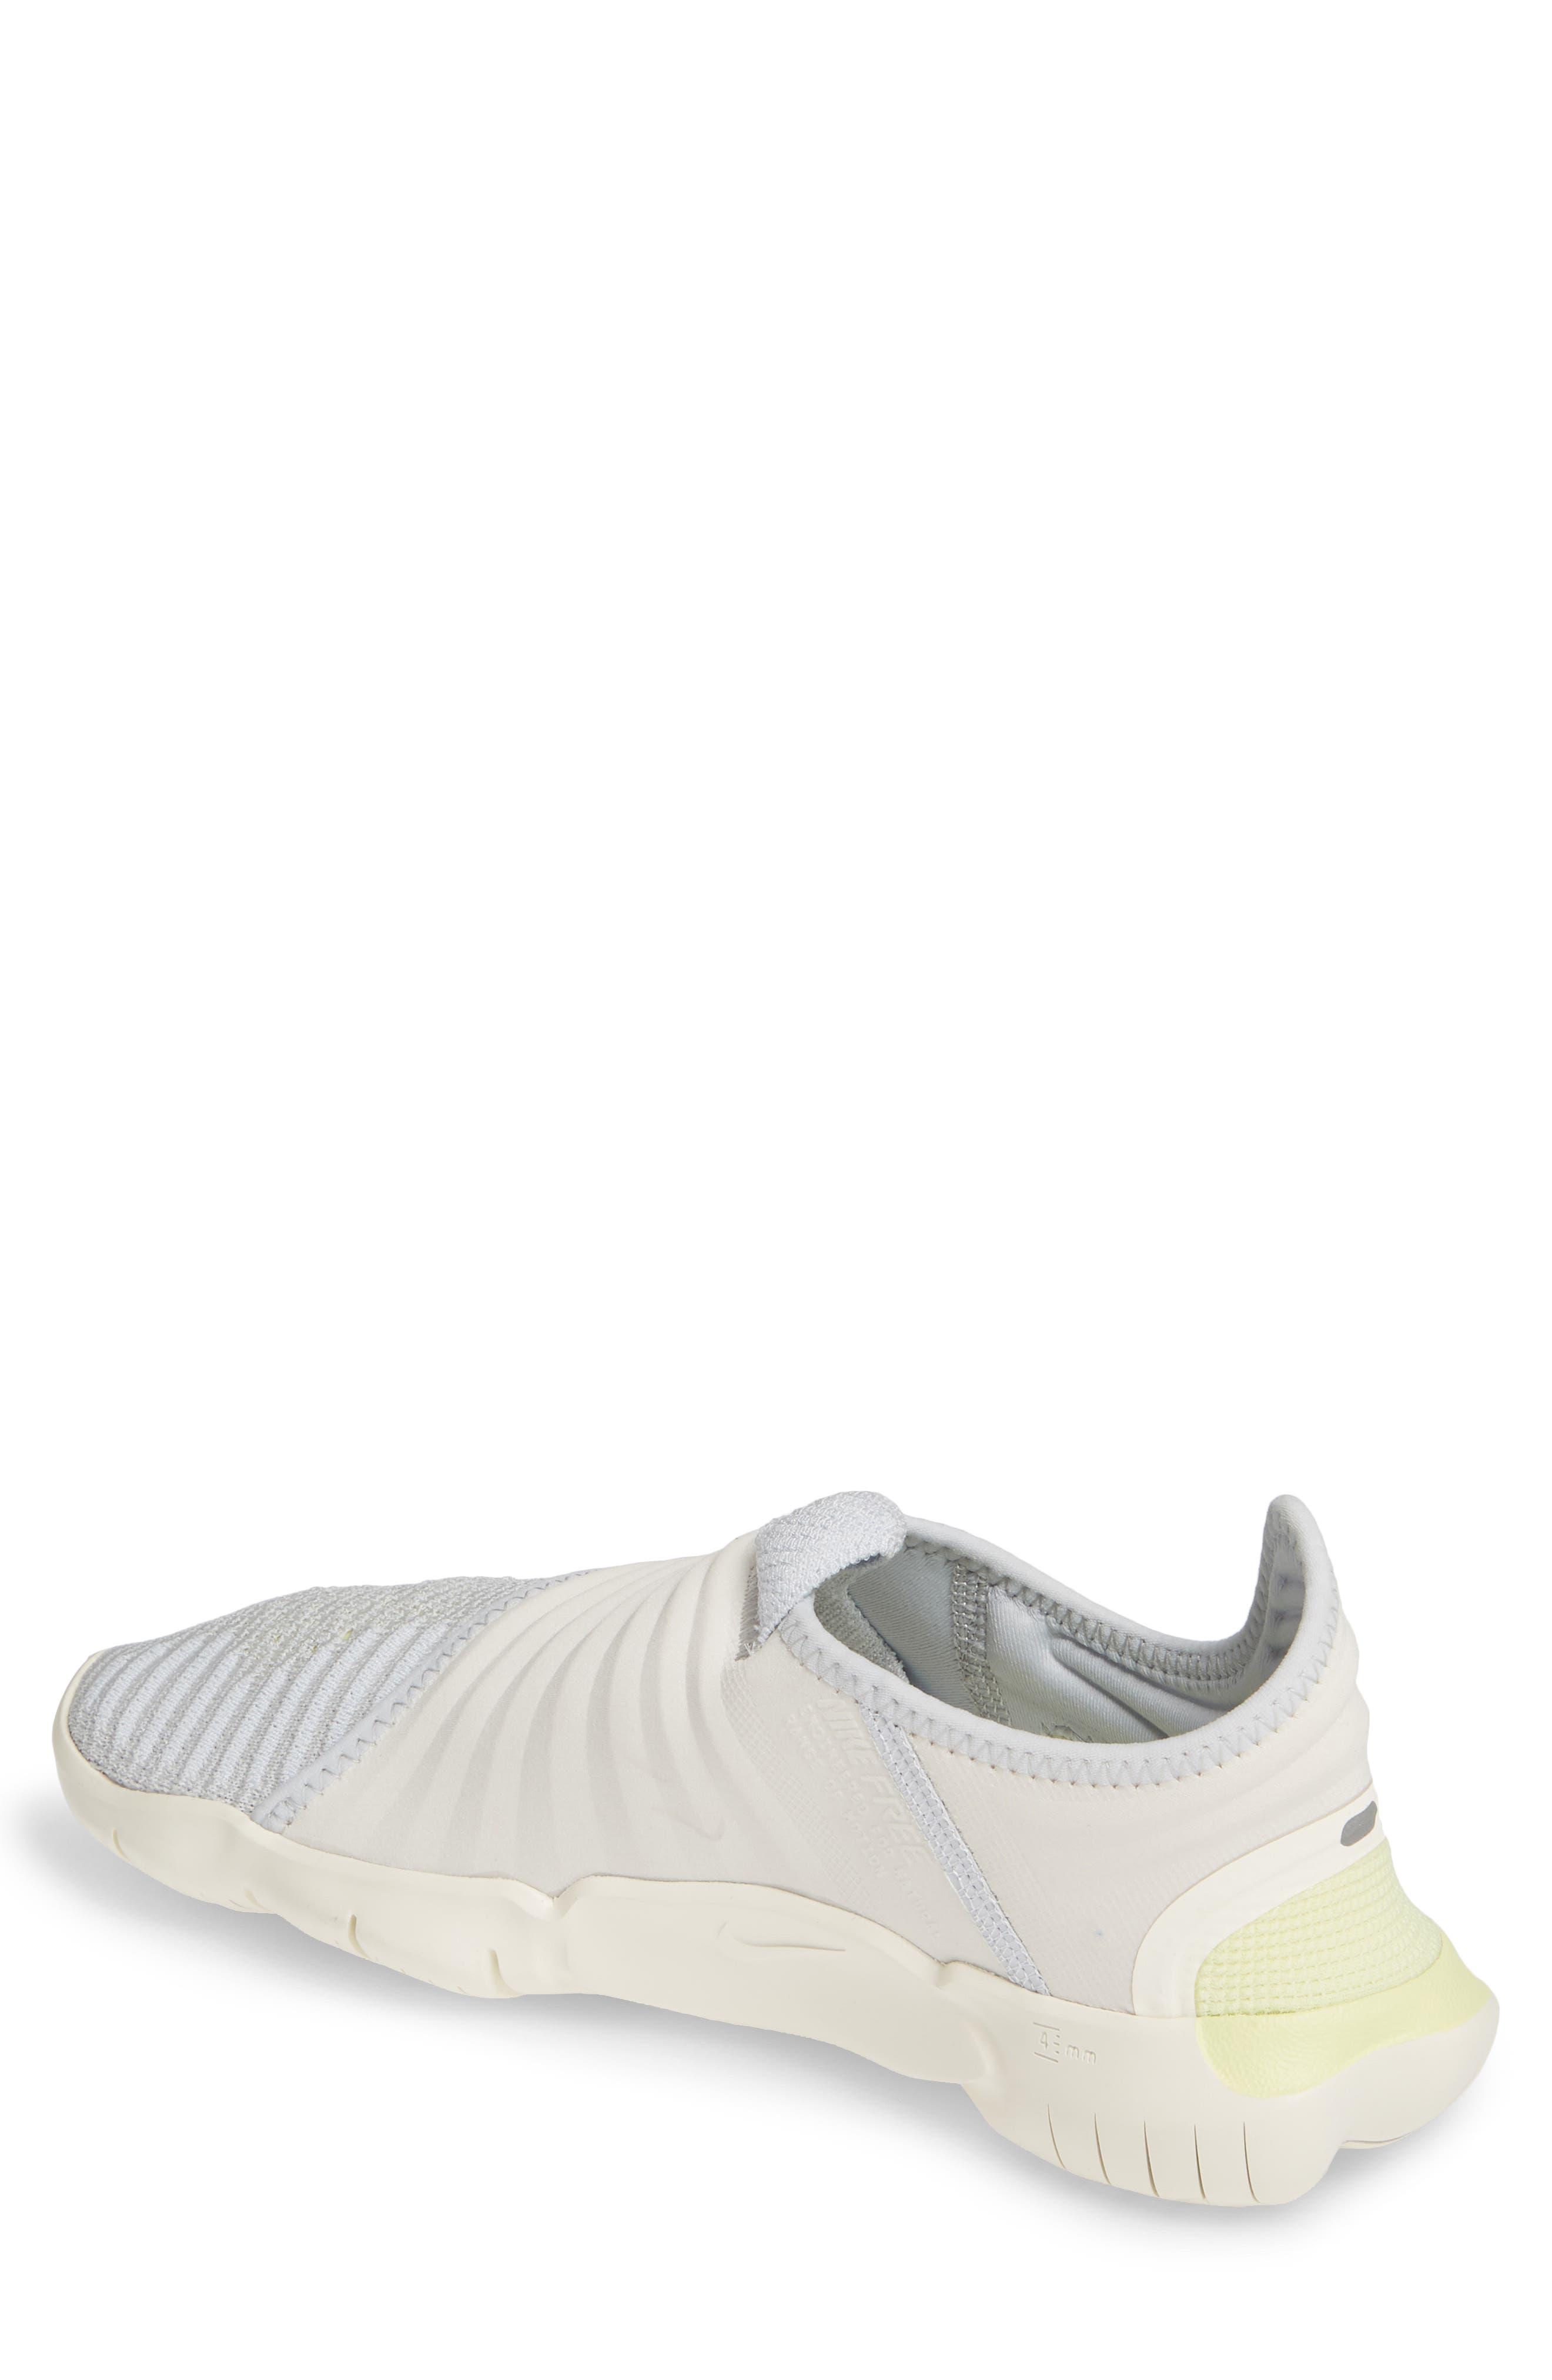 6e6a206f30d7 Nike Flyknit